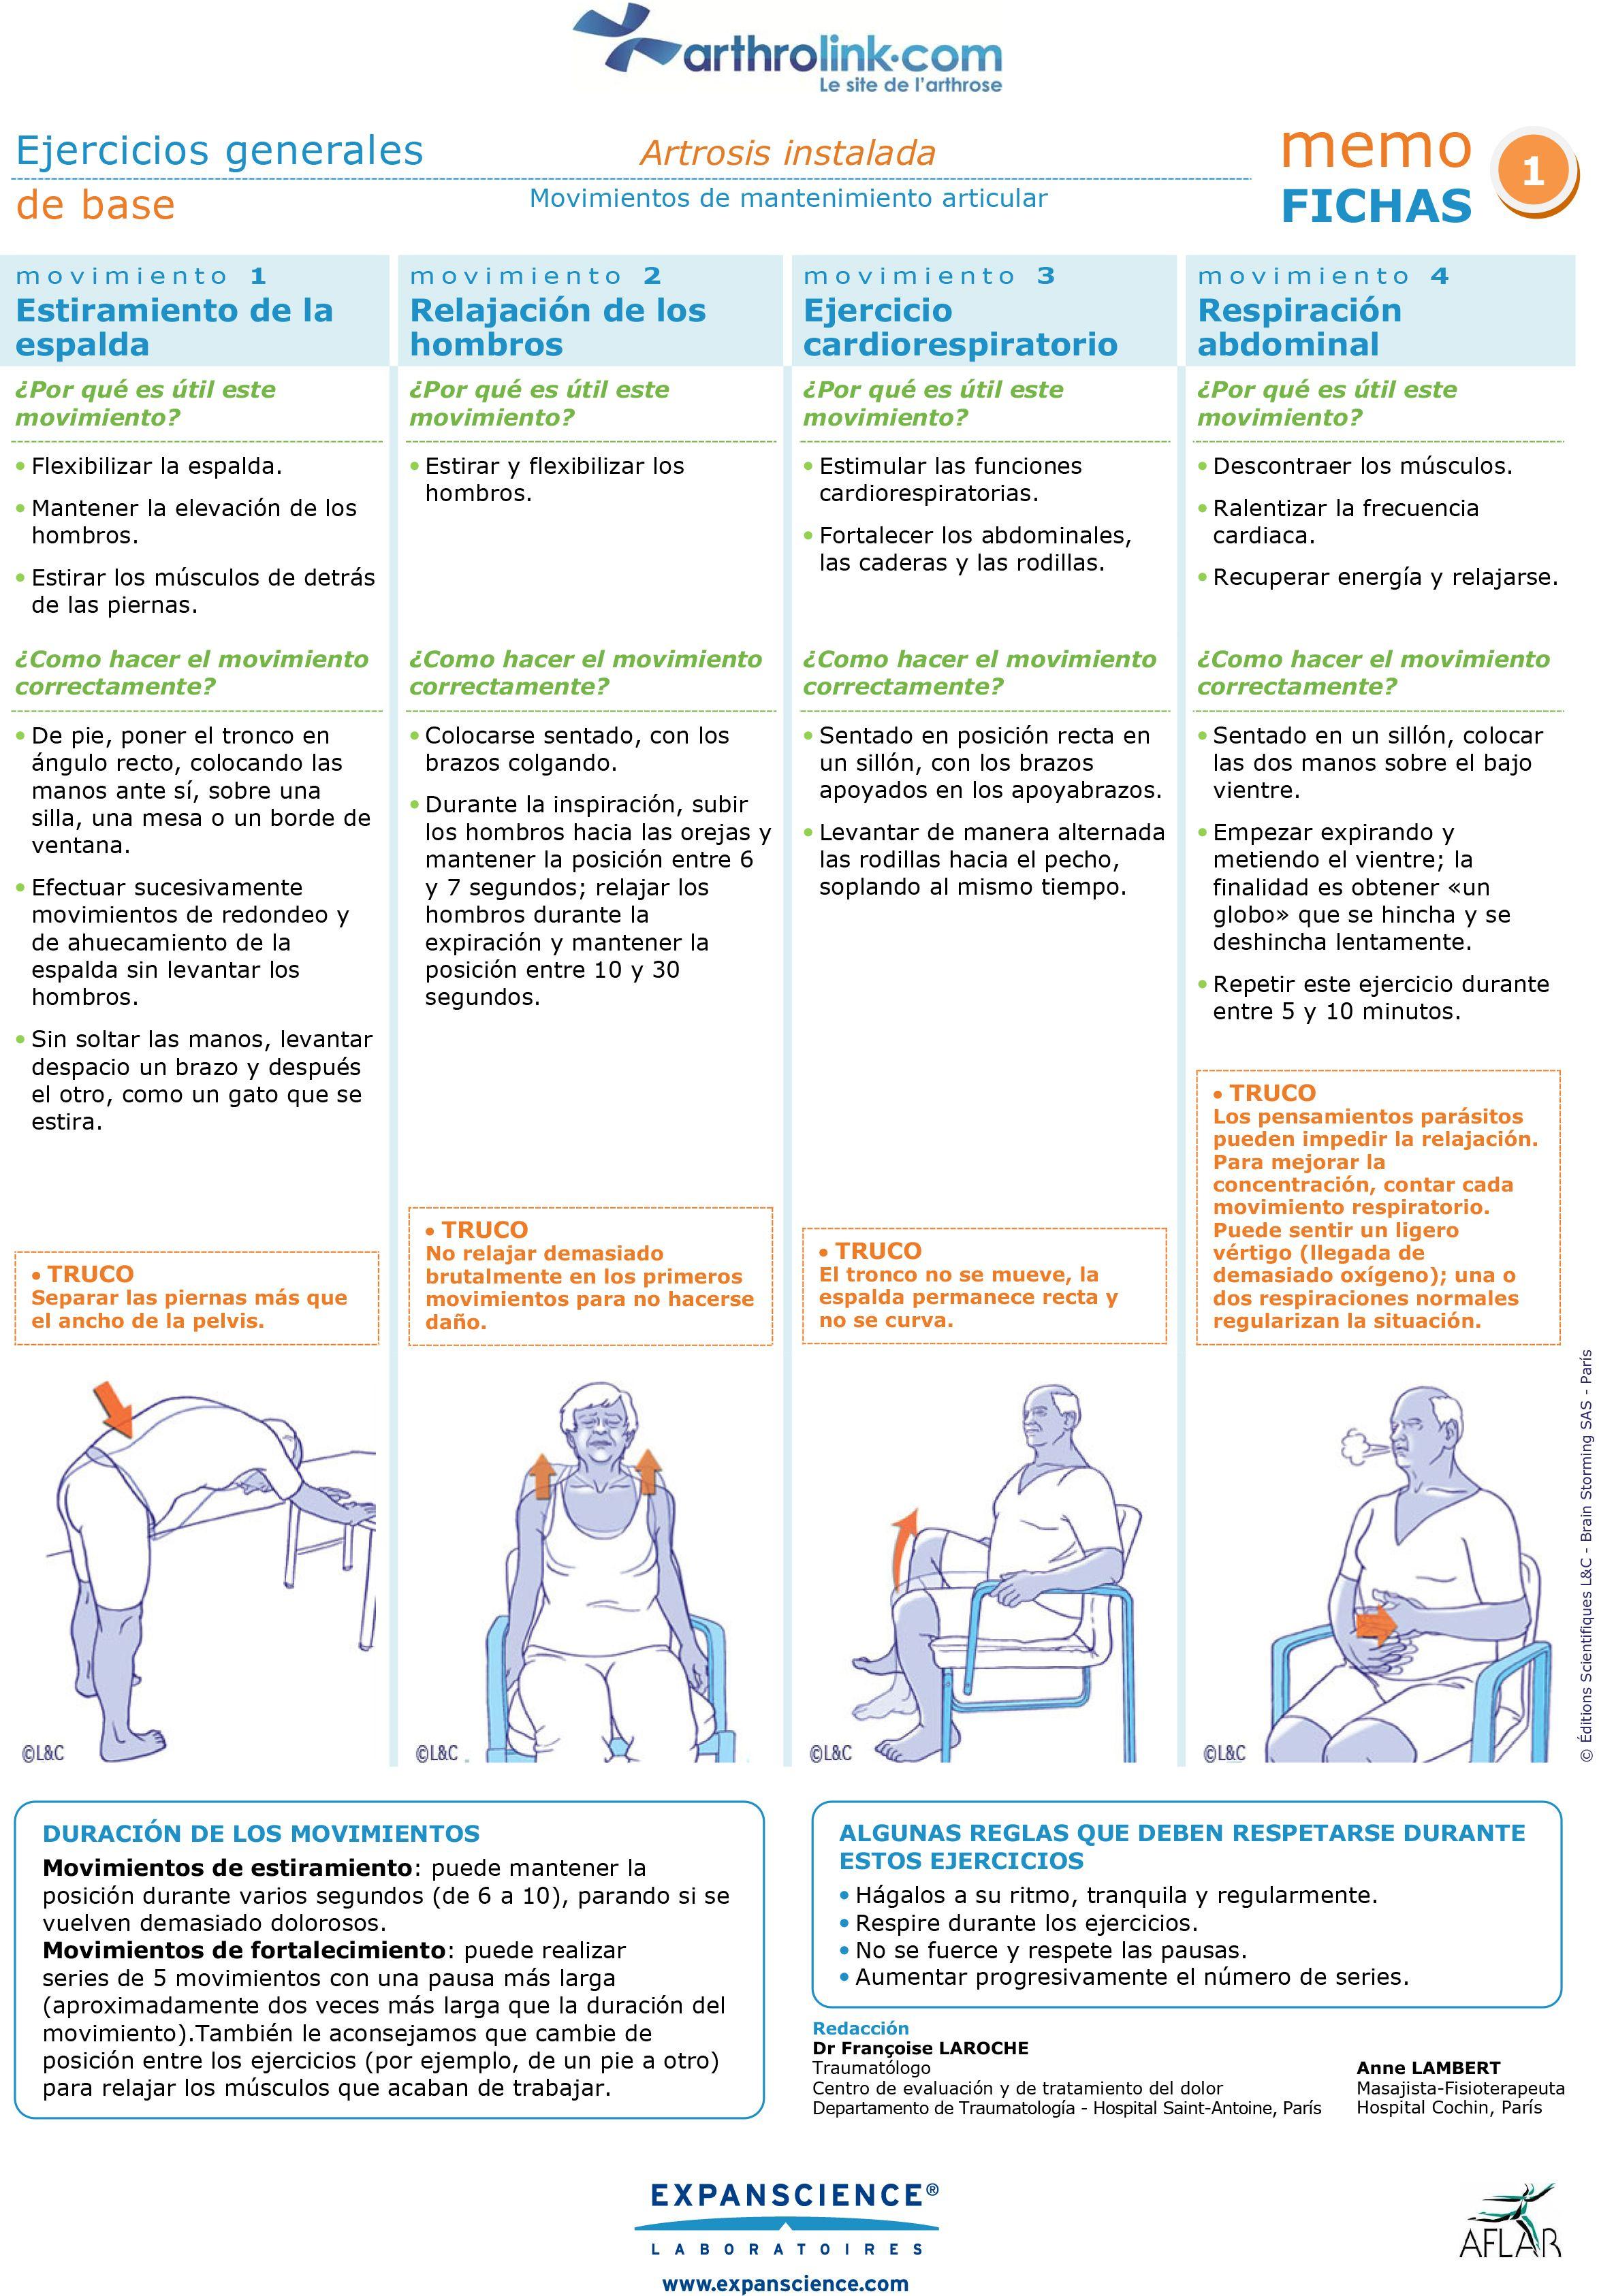 Ejercicios generales de base osteoartritis instalada